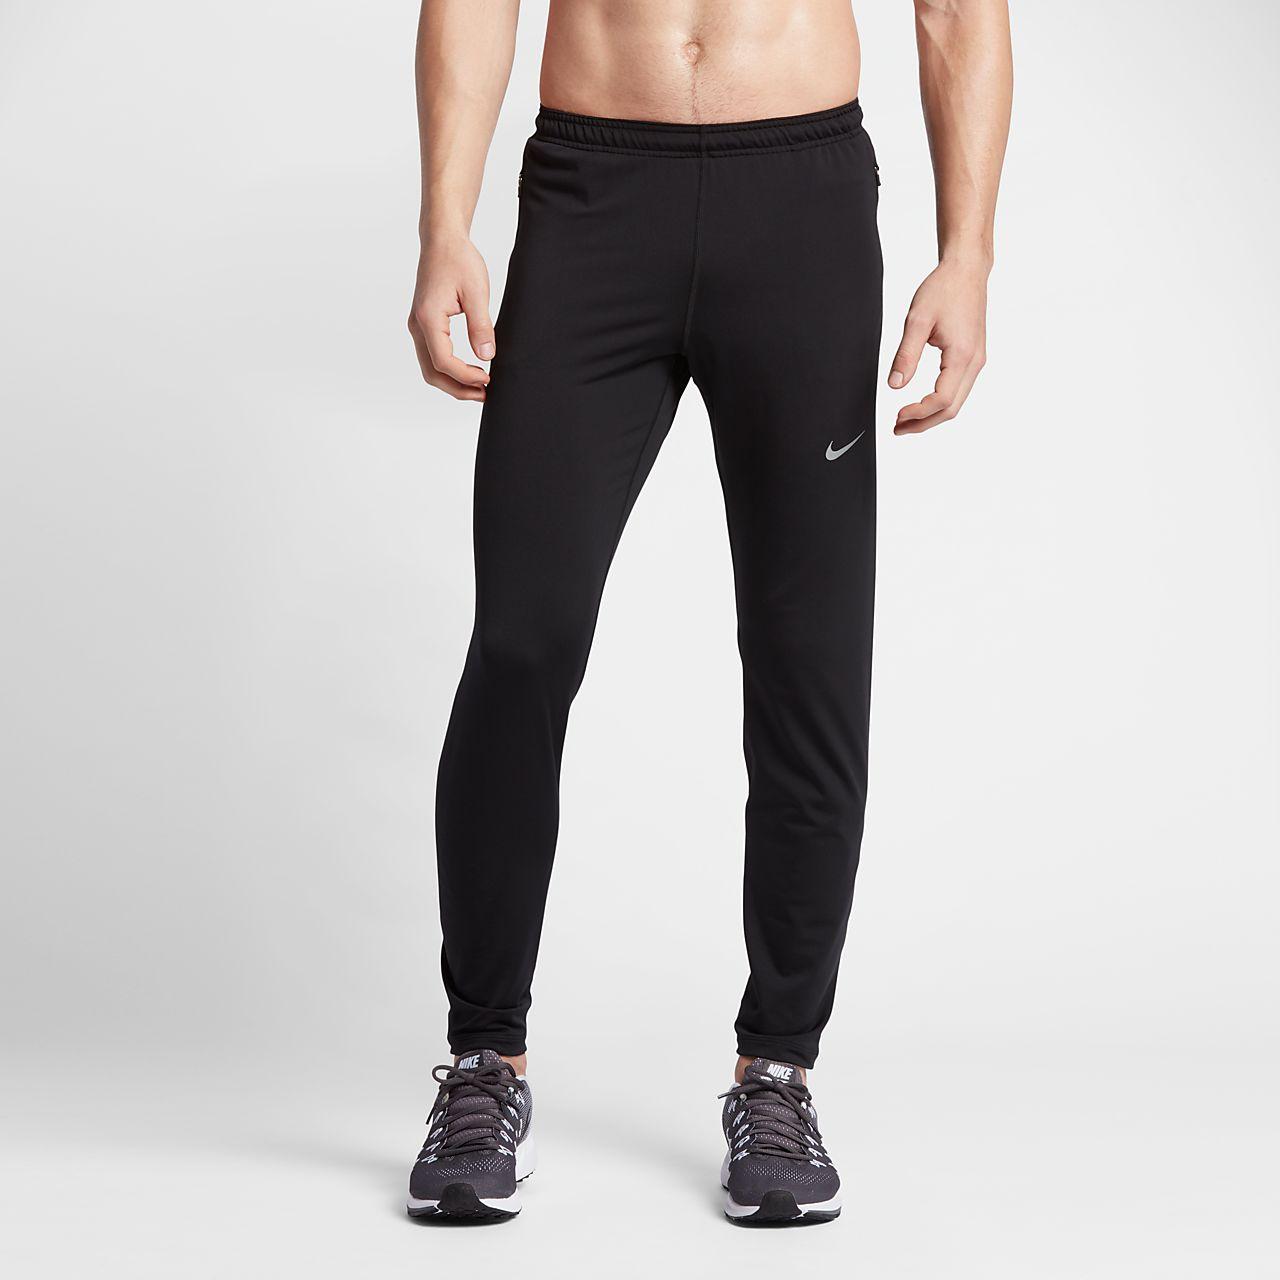 Nike OTC65 Track Men's Running Pants Black